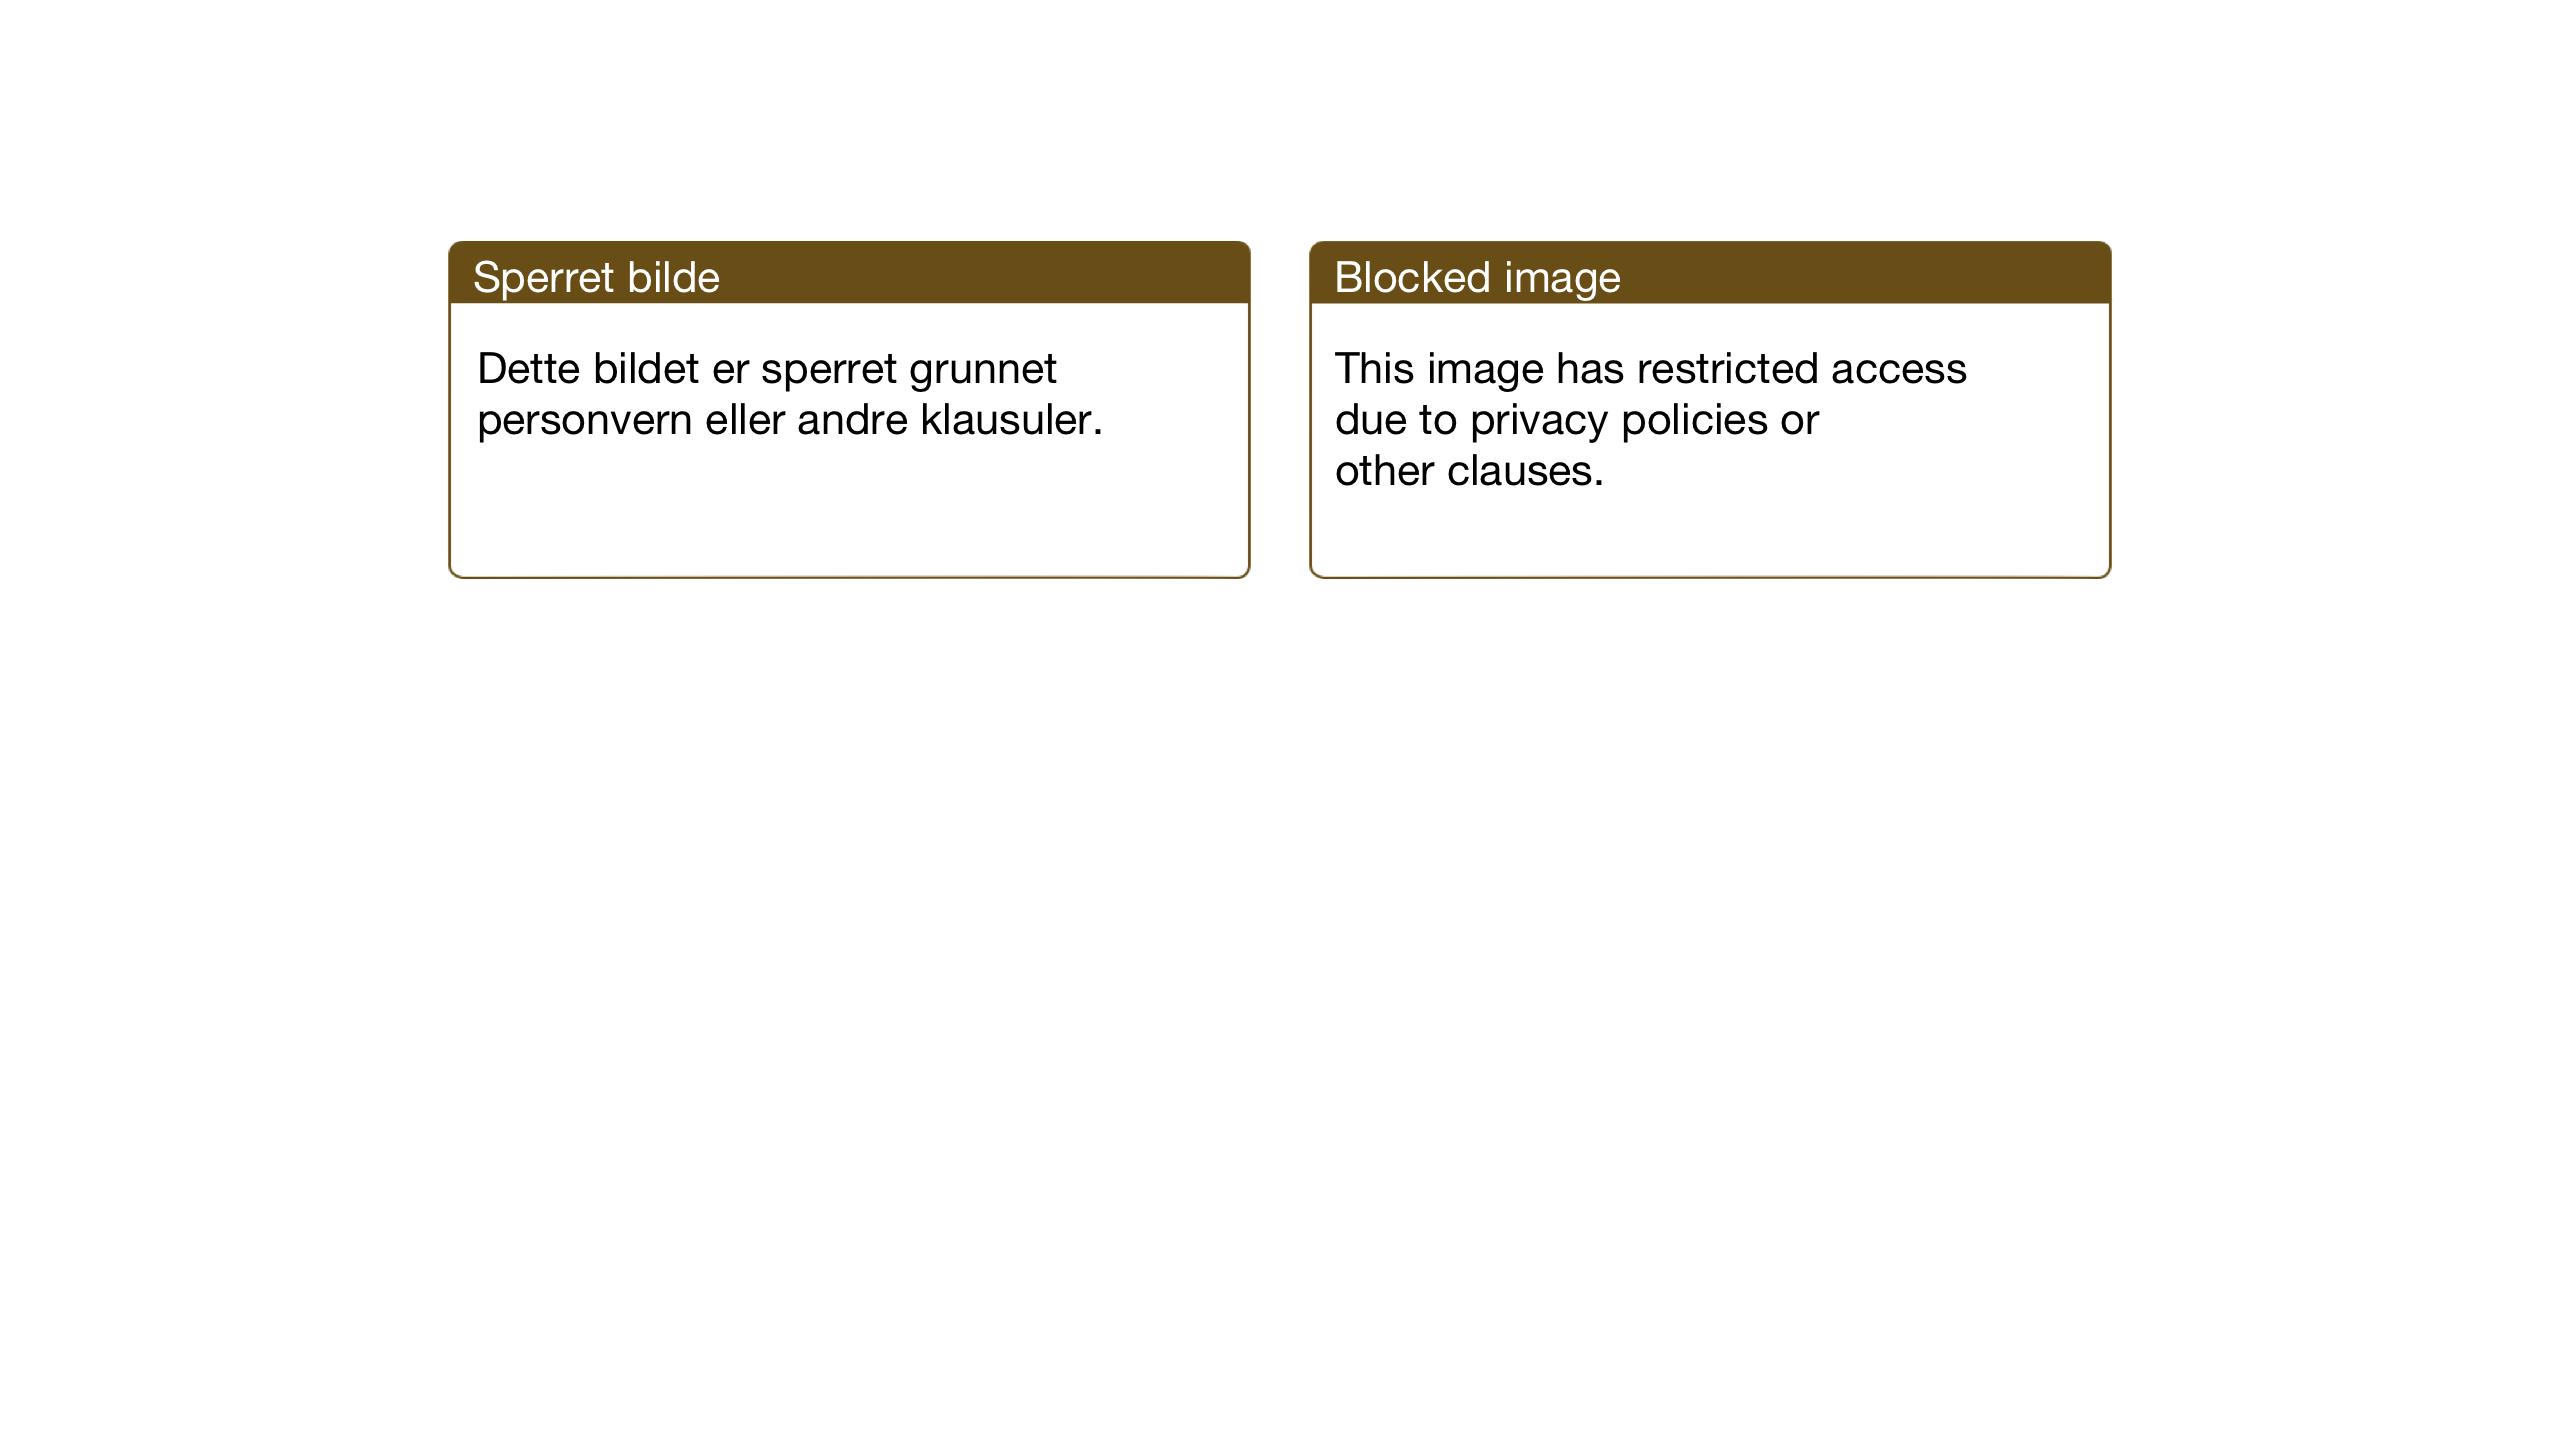 SAT, Ministerialprotokoller, klokkerbøker og fødselsregistre - Nord-Trøndelag, 713/L0125: Klokkerbok nr. 713C02, 1931-1941, s. 38